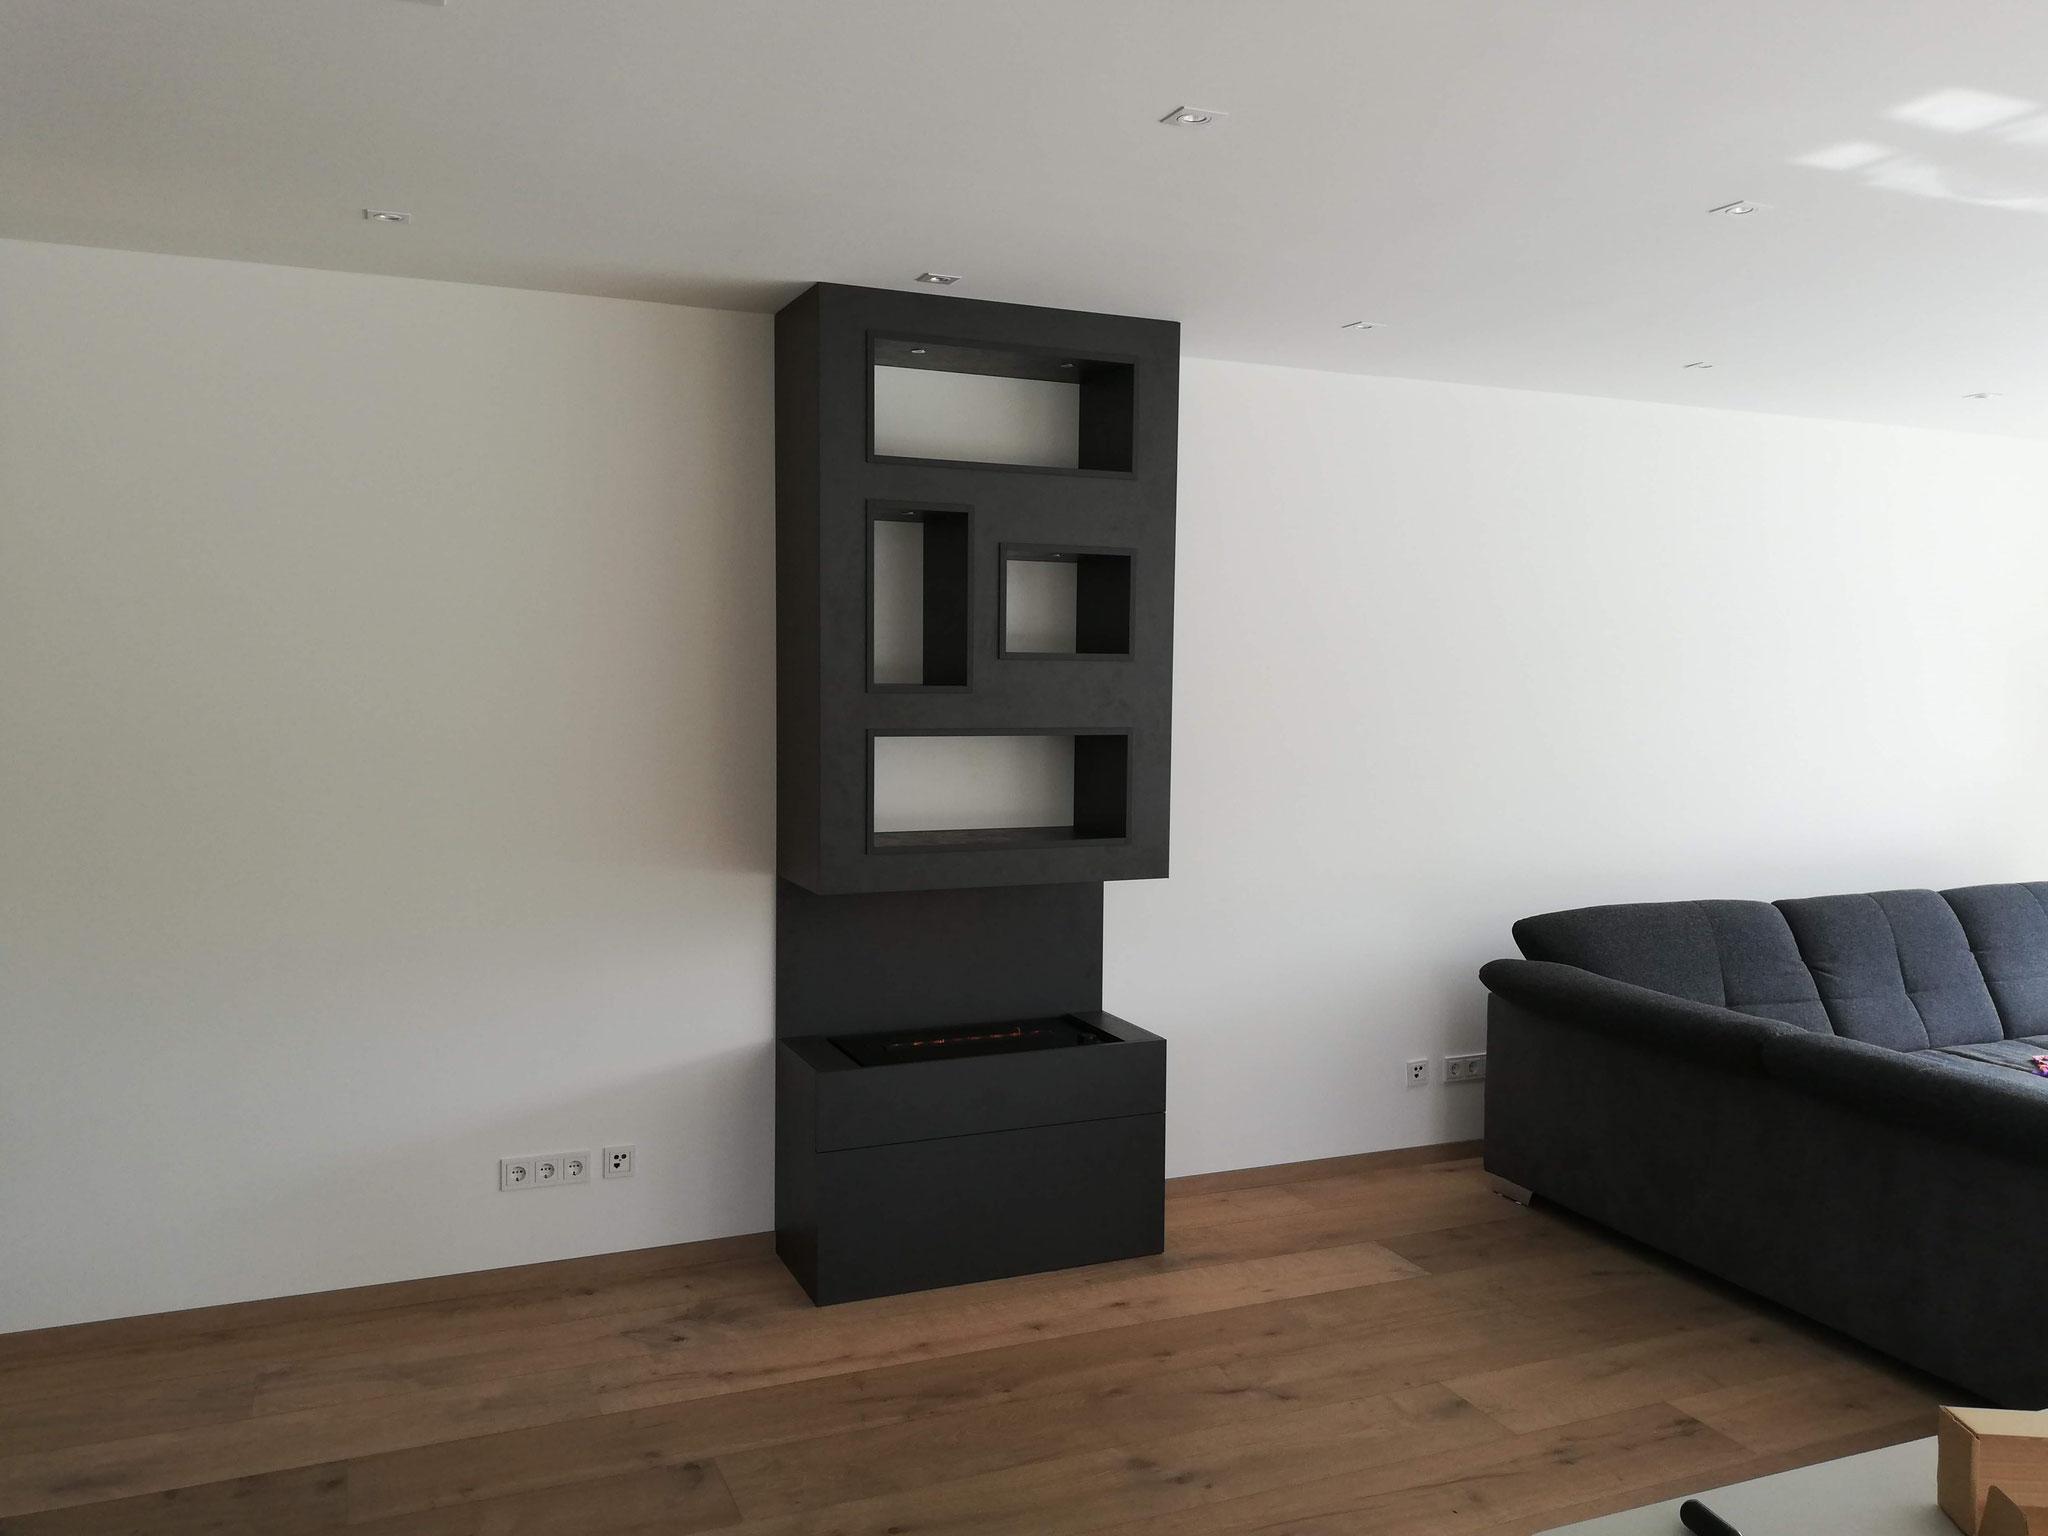 Das frisch montierte Möbel aus Dekorplatten mit Beleuchtung